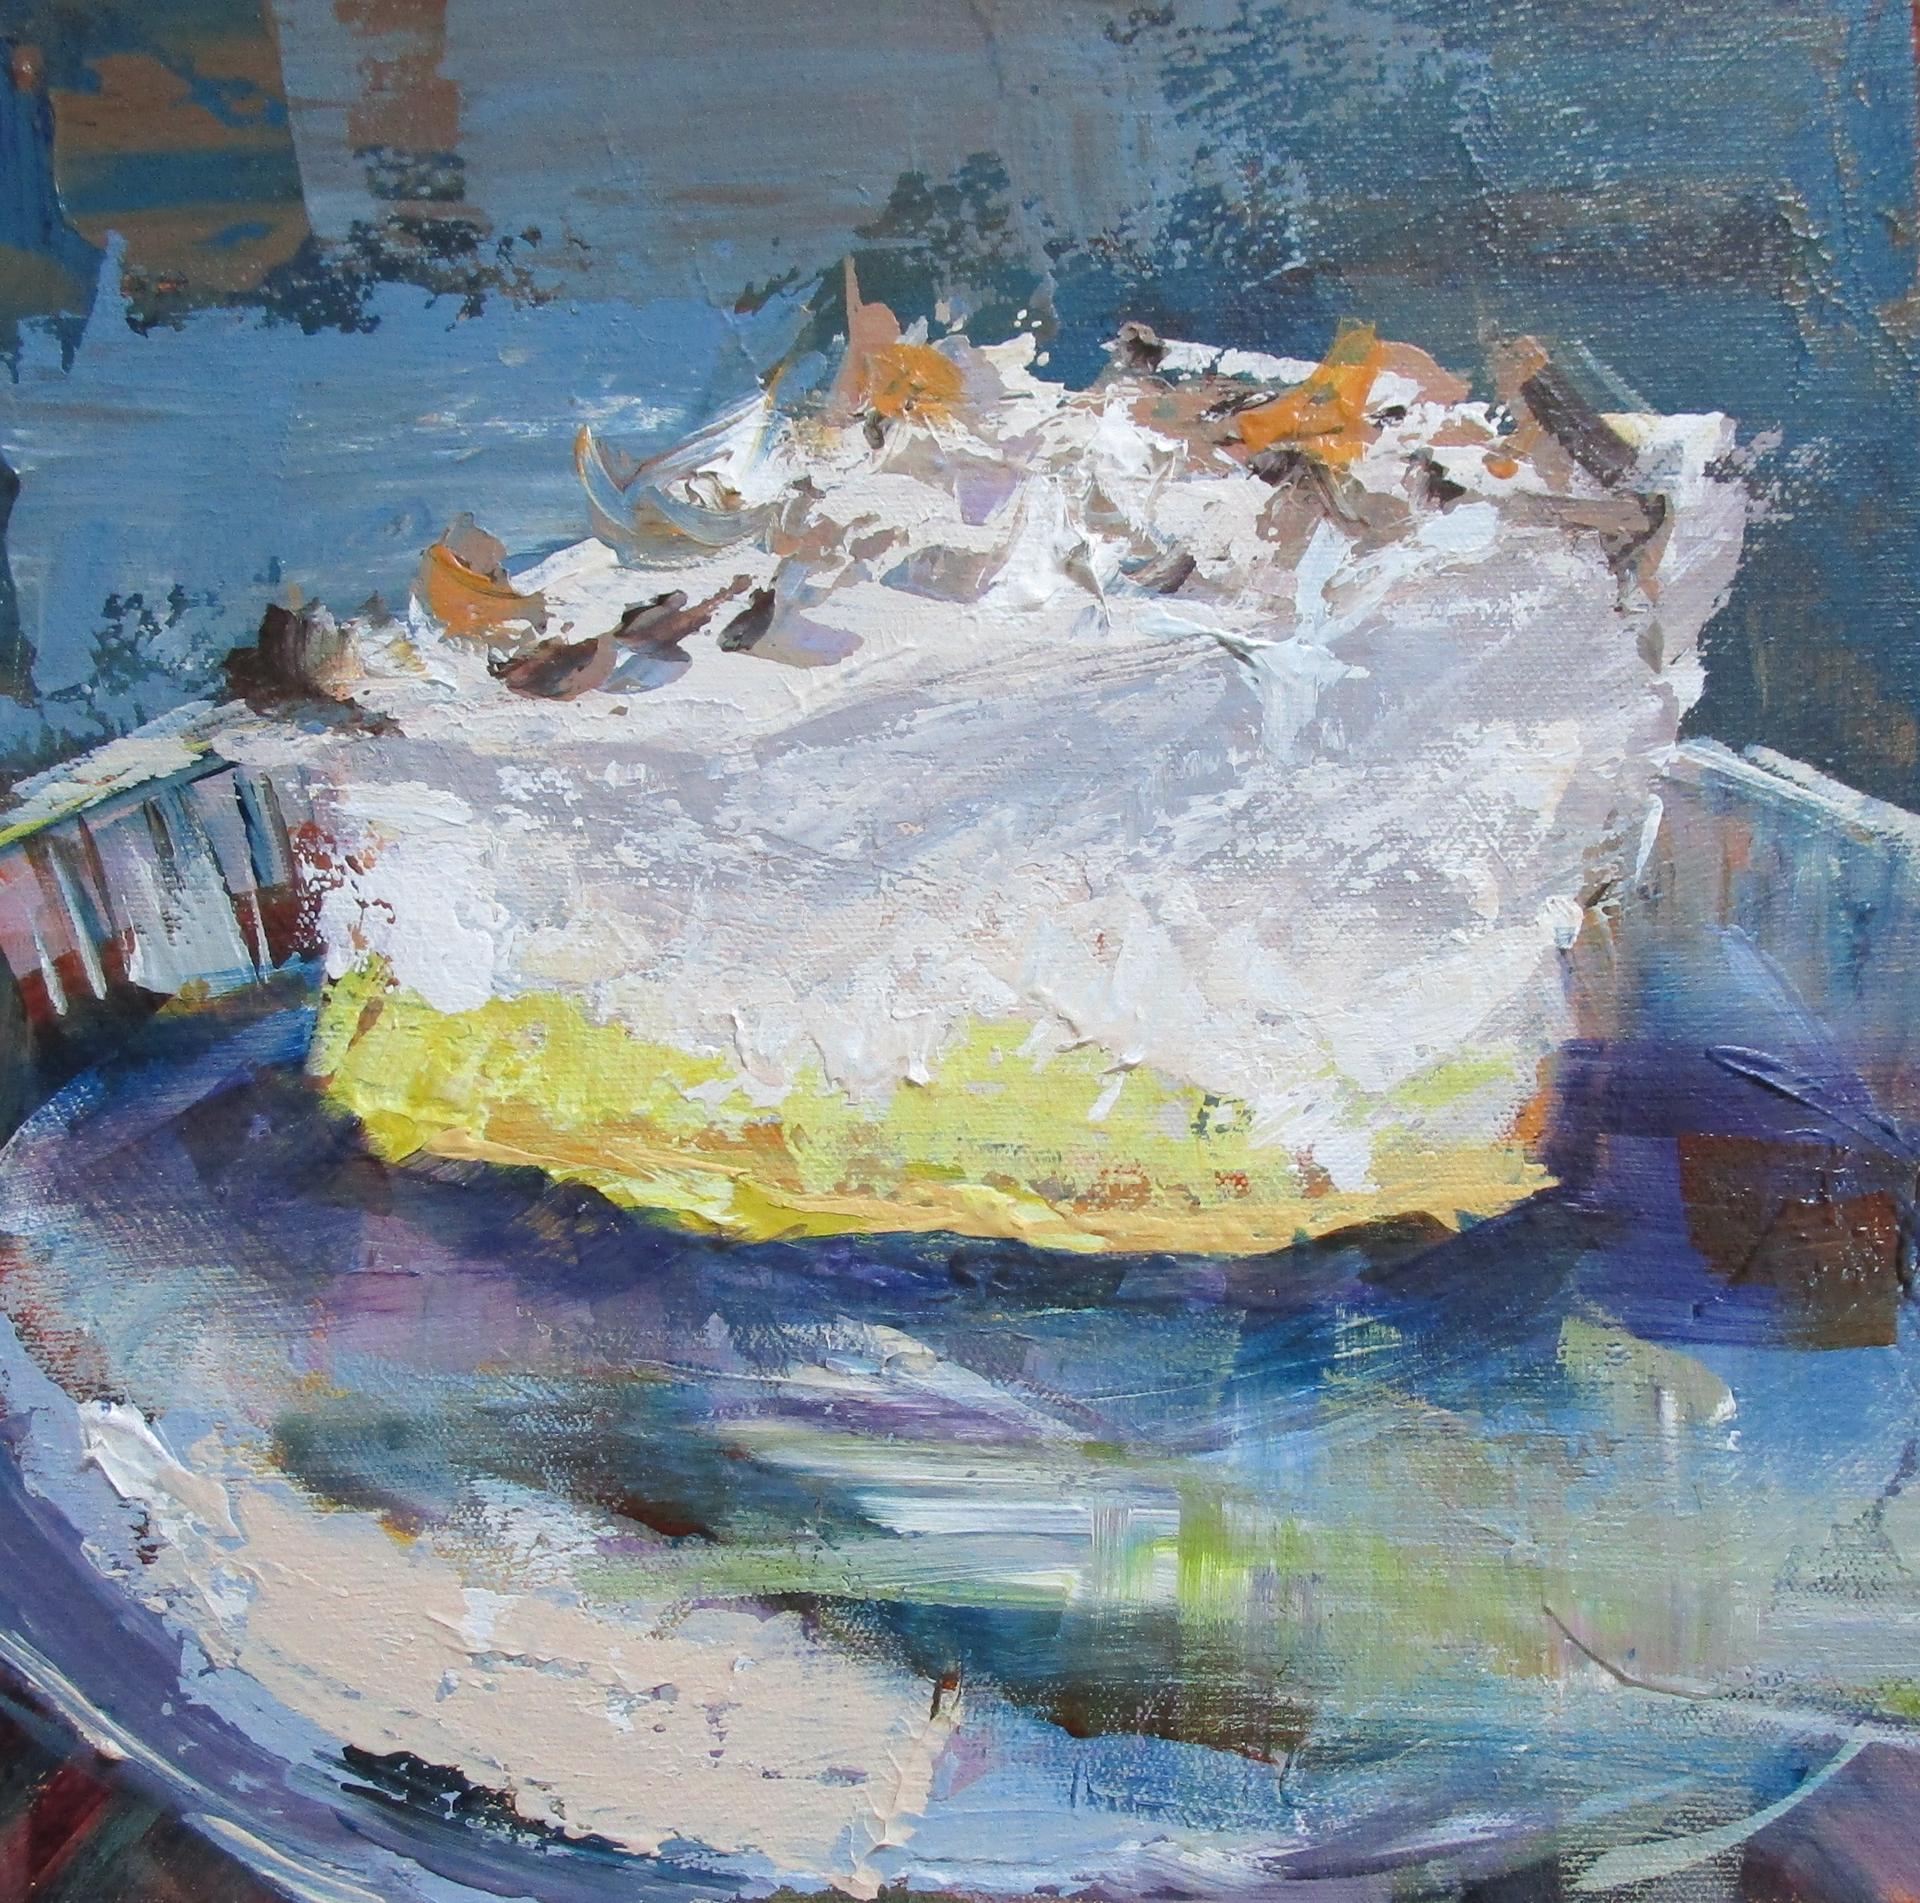 Laura's Lemon Pie by Amy Dixon